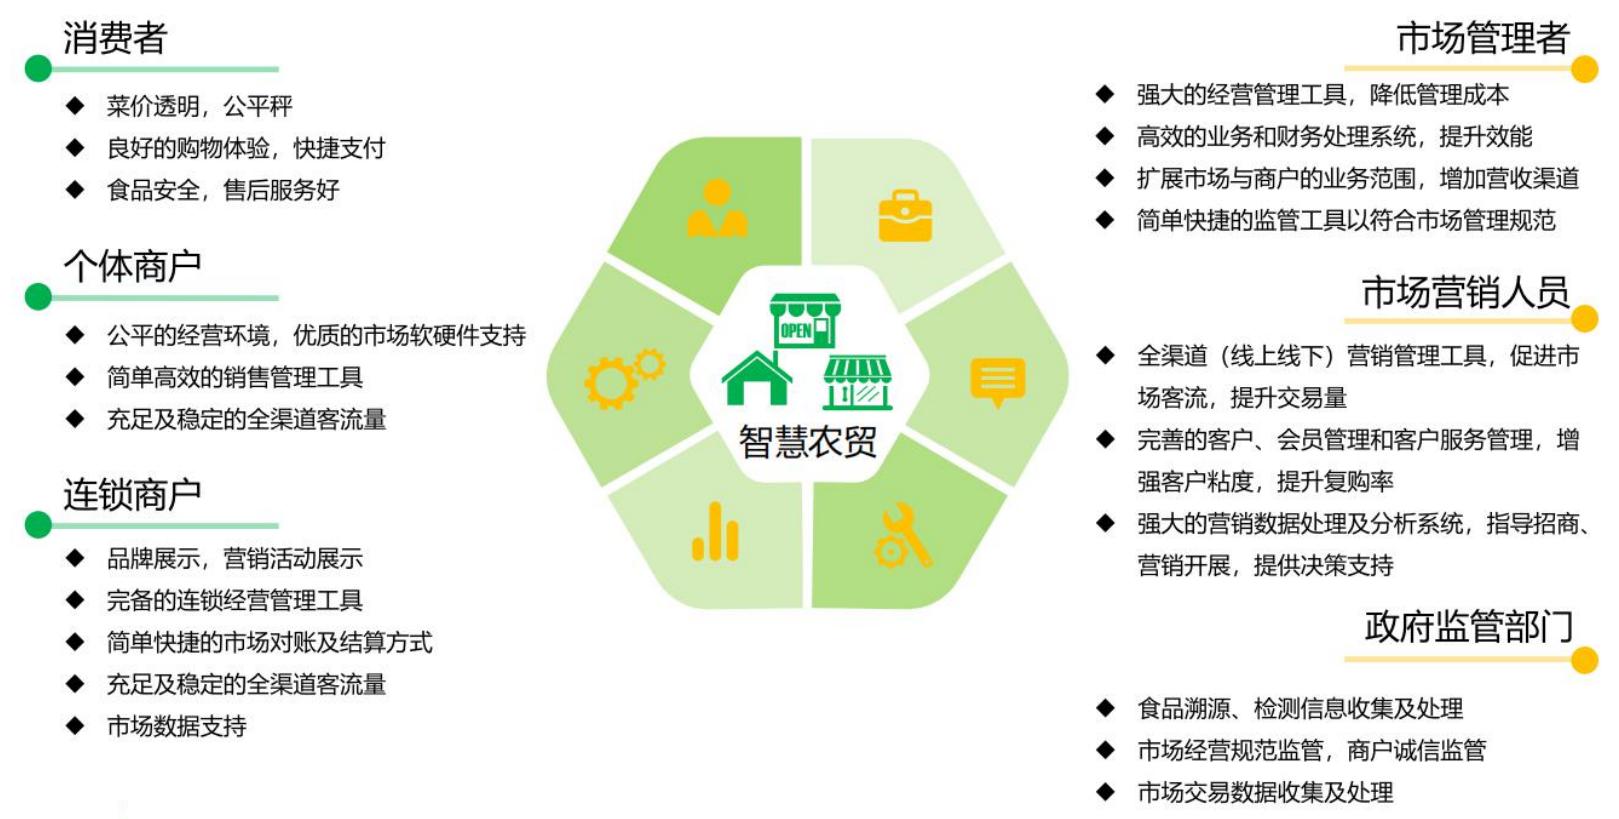 农贸市场设计|老旧农贸市场未来如何发展